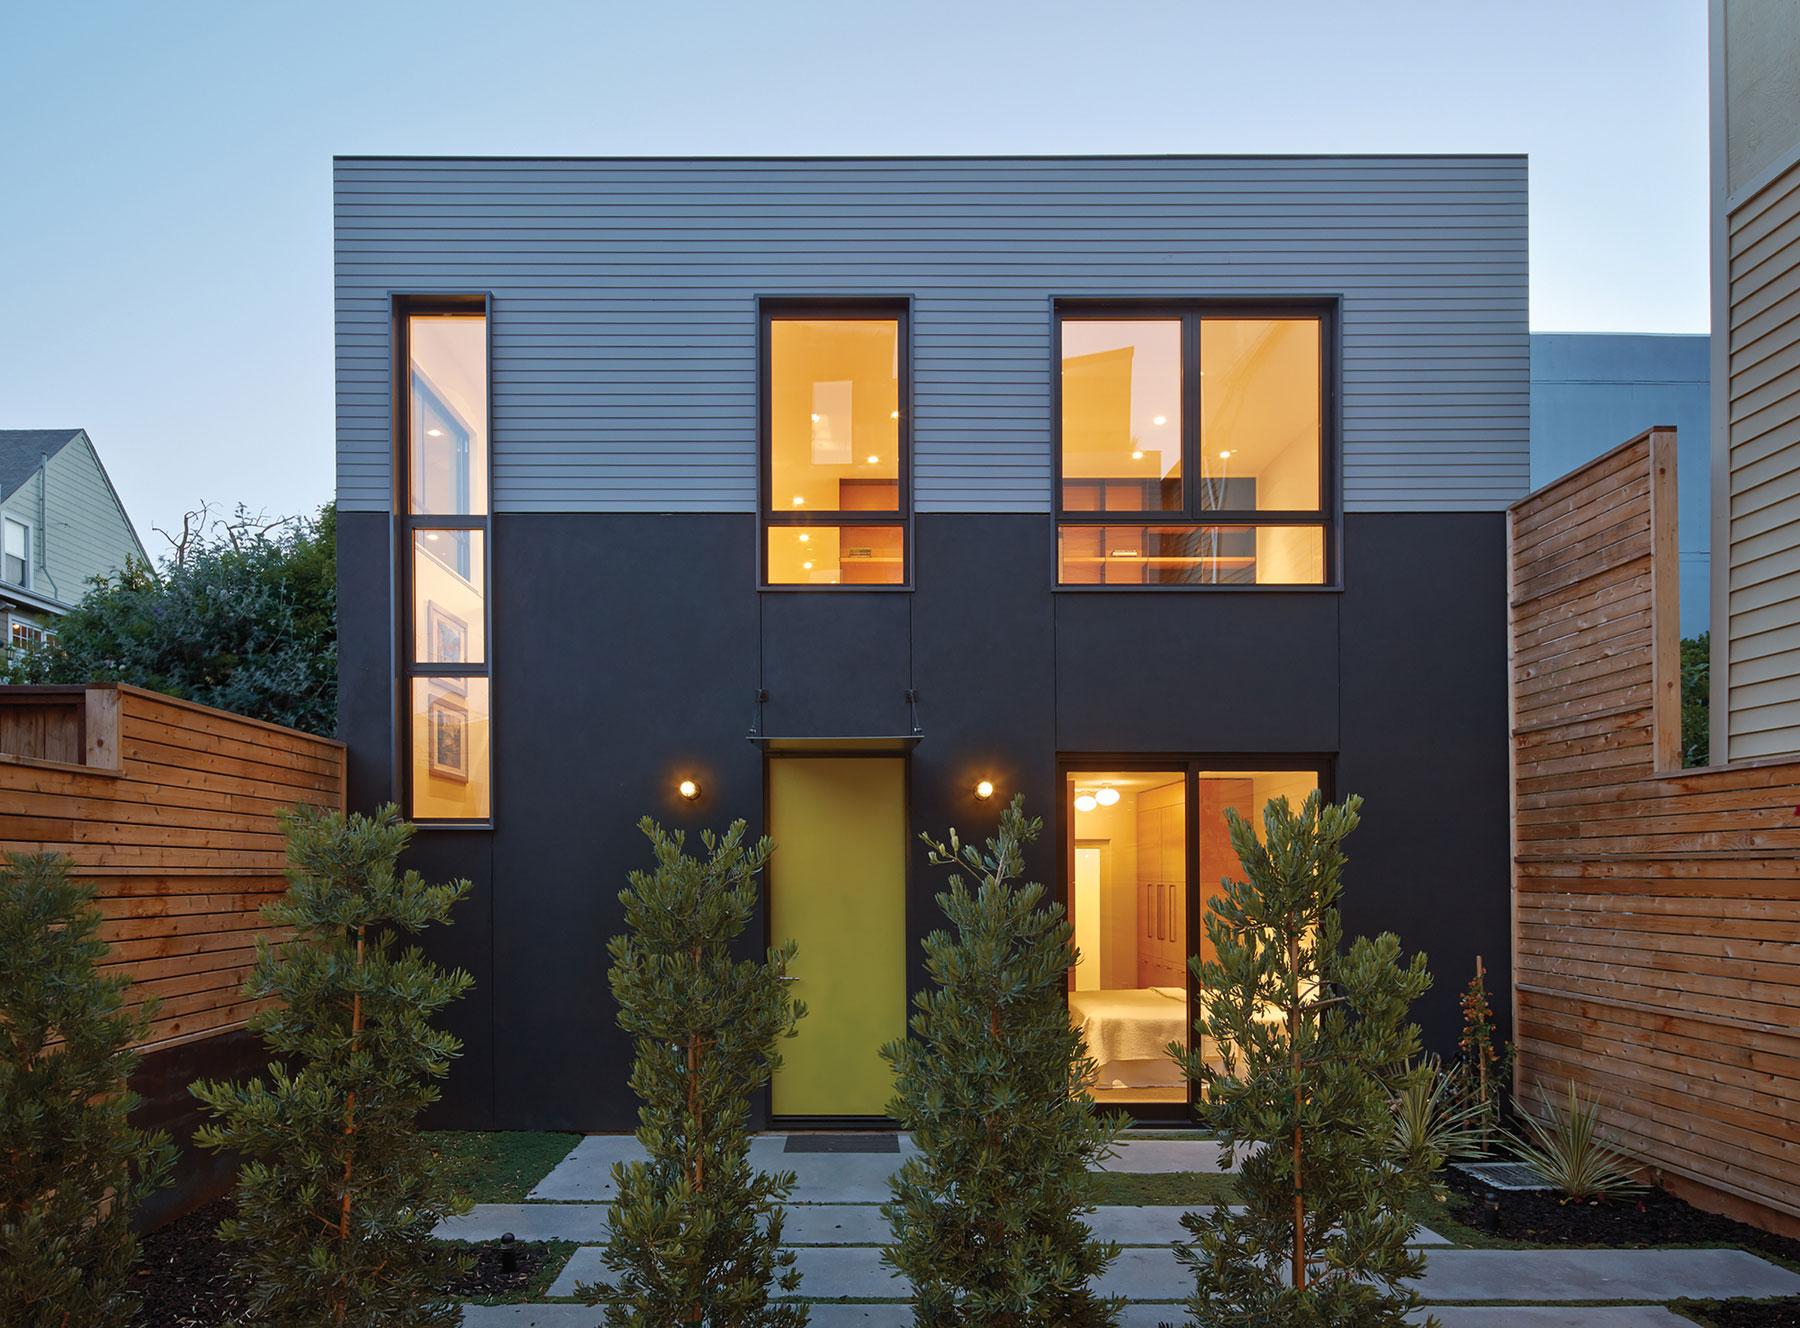 Bright and Elegant Interior Design of Steelhouse 1 plus 2 by Zack de Vito Architecture-12